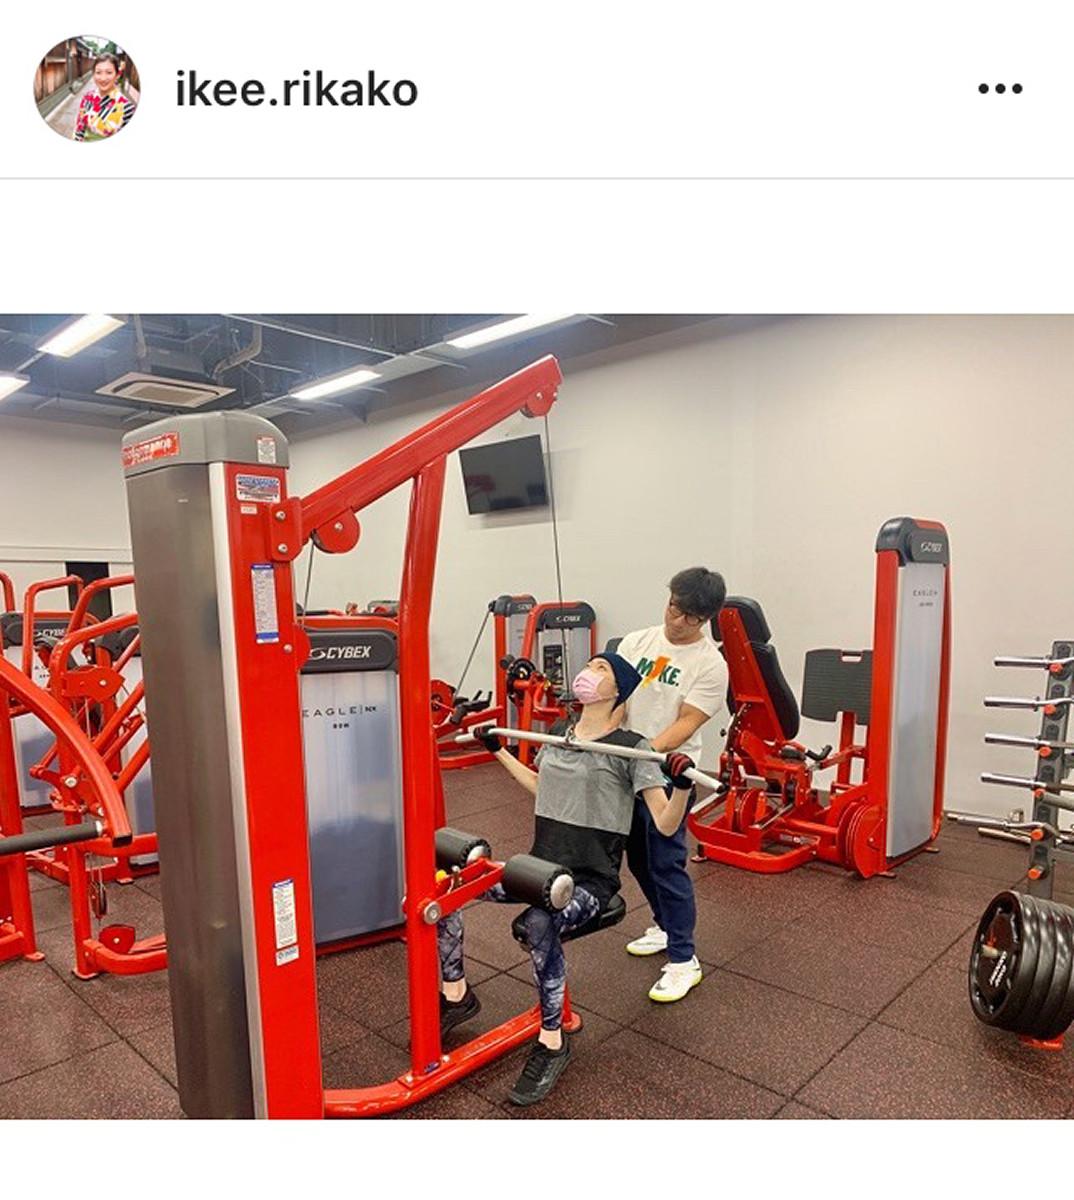 インスタグラムより@ikee.rikako